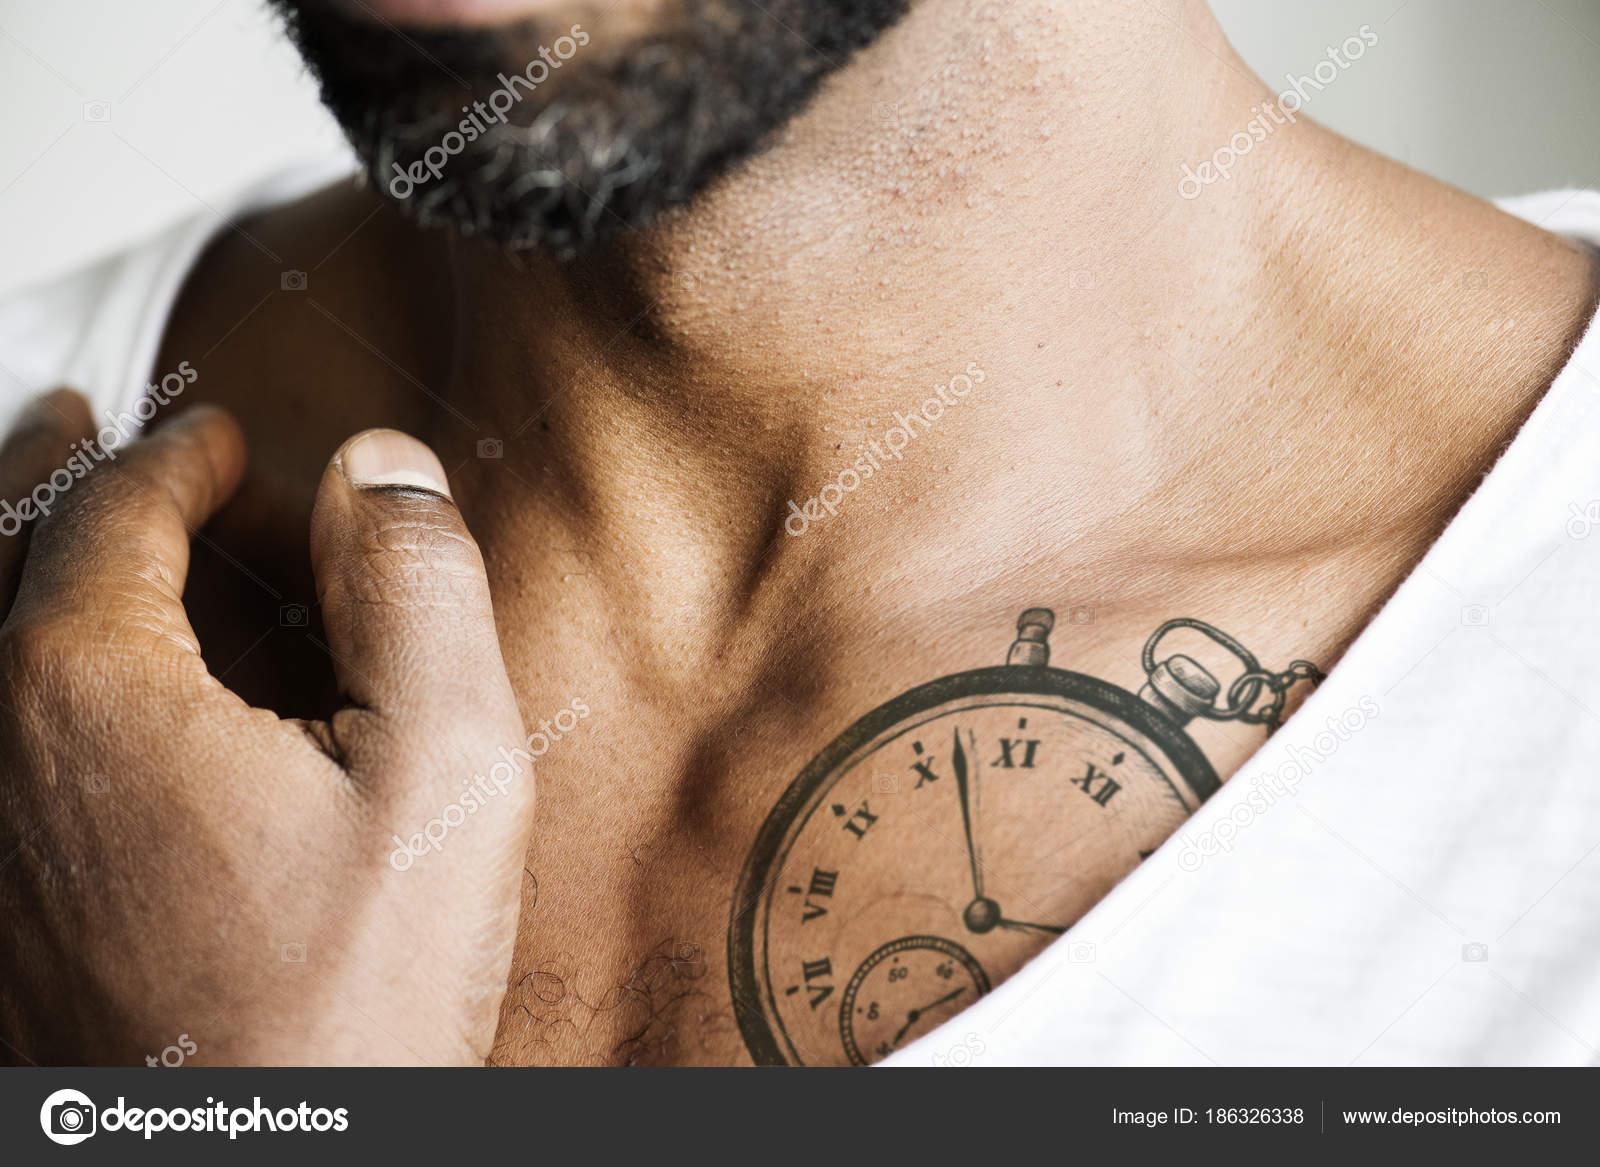 Zbliżenie Tatuaż Klatce Piersiowej Człowieka Zdjęcie